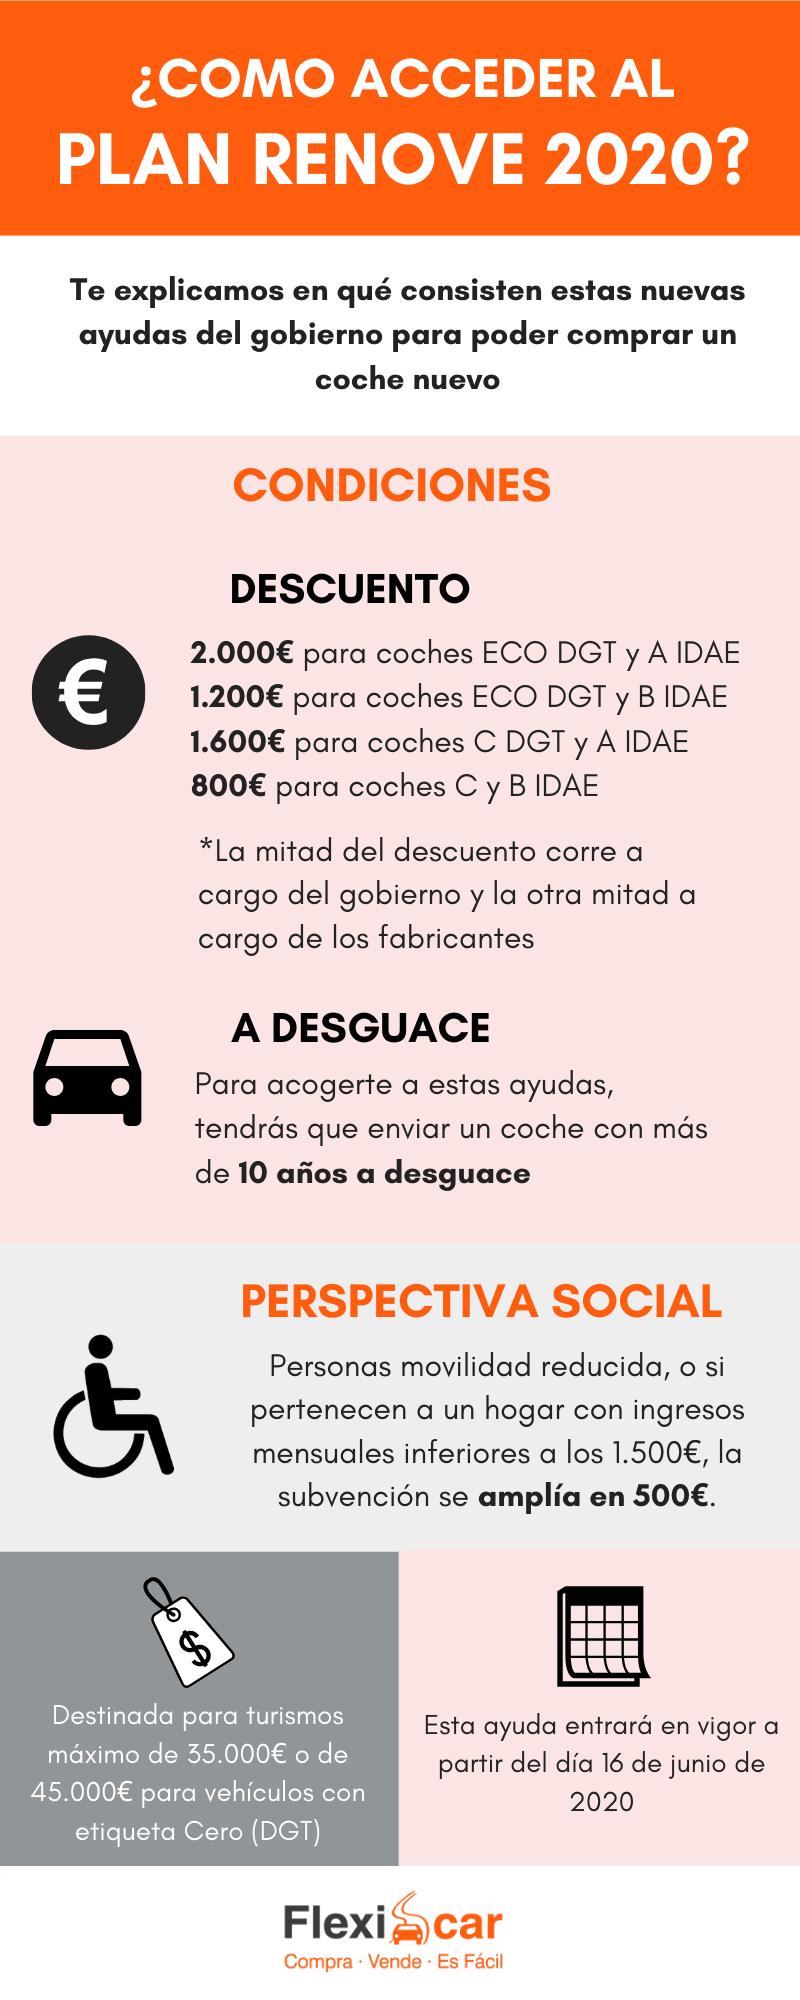 infografía que explica las condiciones del plan Renove 2020